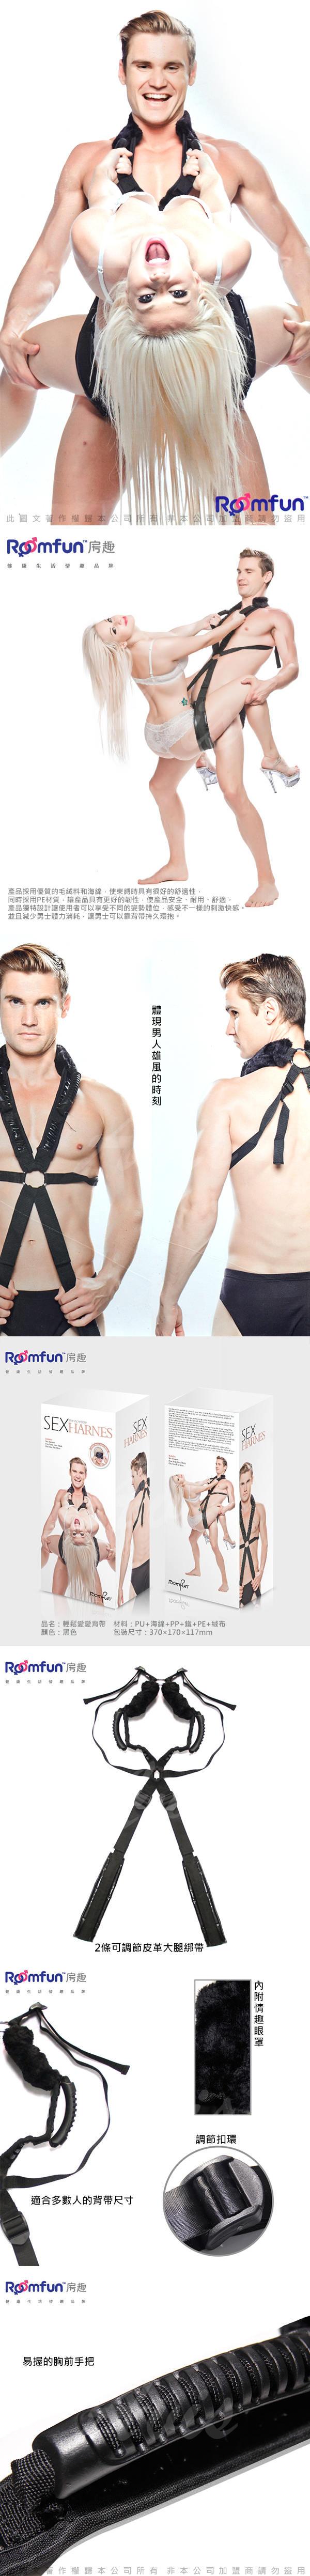 美國Roomfun 輕鬆愛愛背帶 夫妻輔助體位道具(送眼罩)